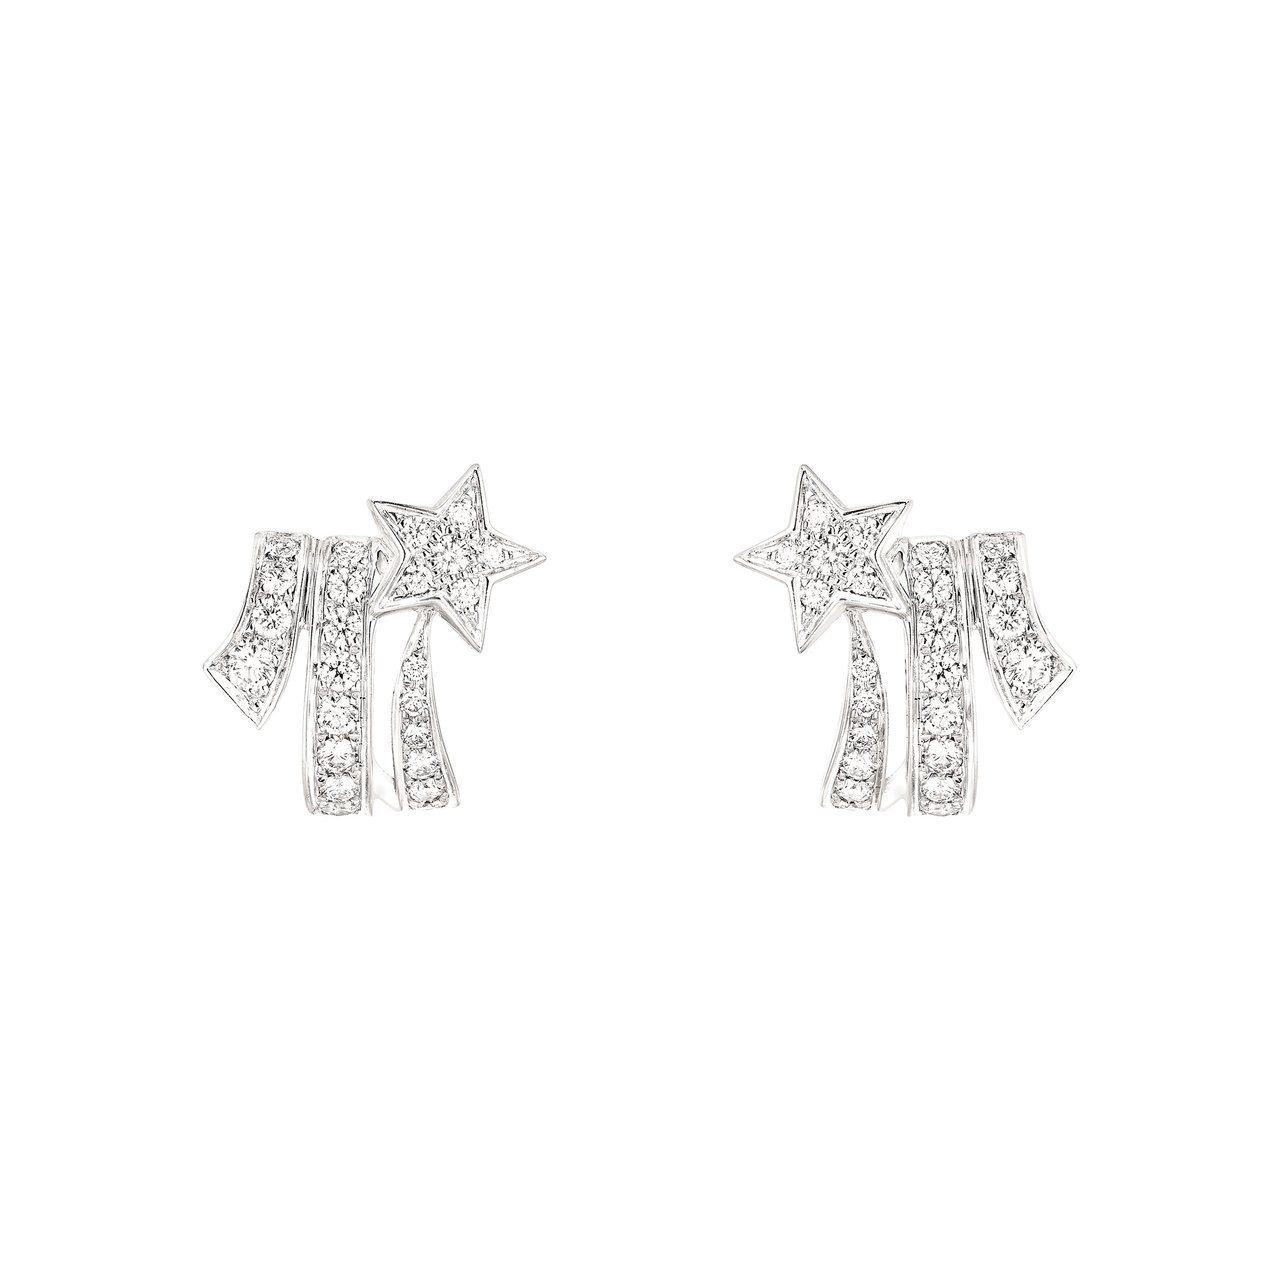 瑪格羅比配戴的Comete白K金鑲鑽耳環,價格店洽。 圖/香奈兒提供